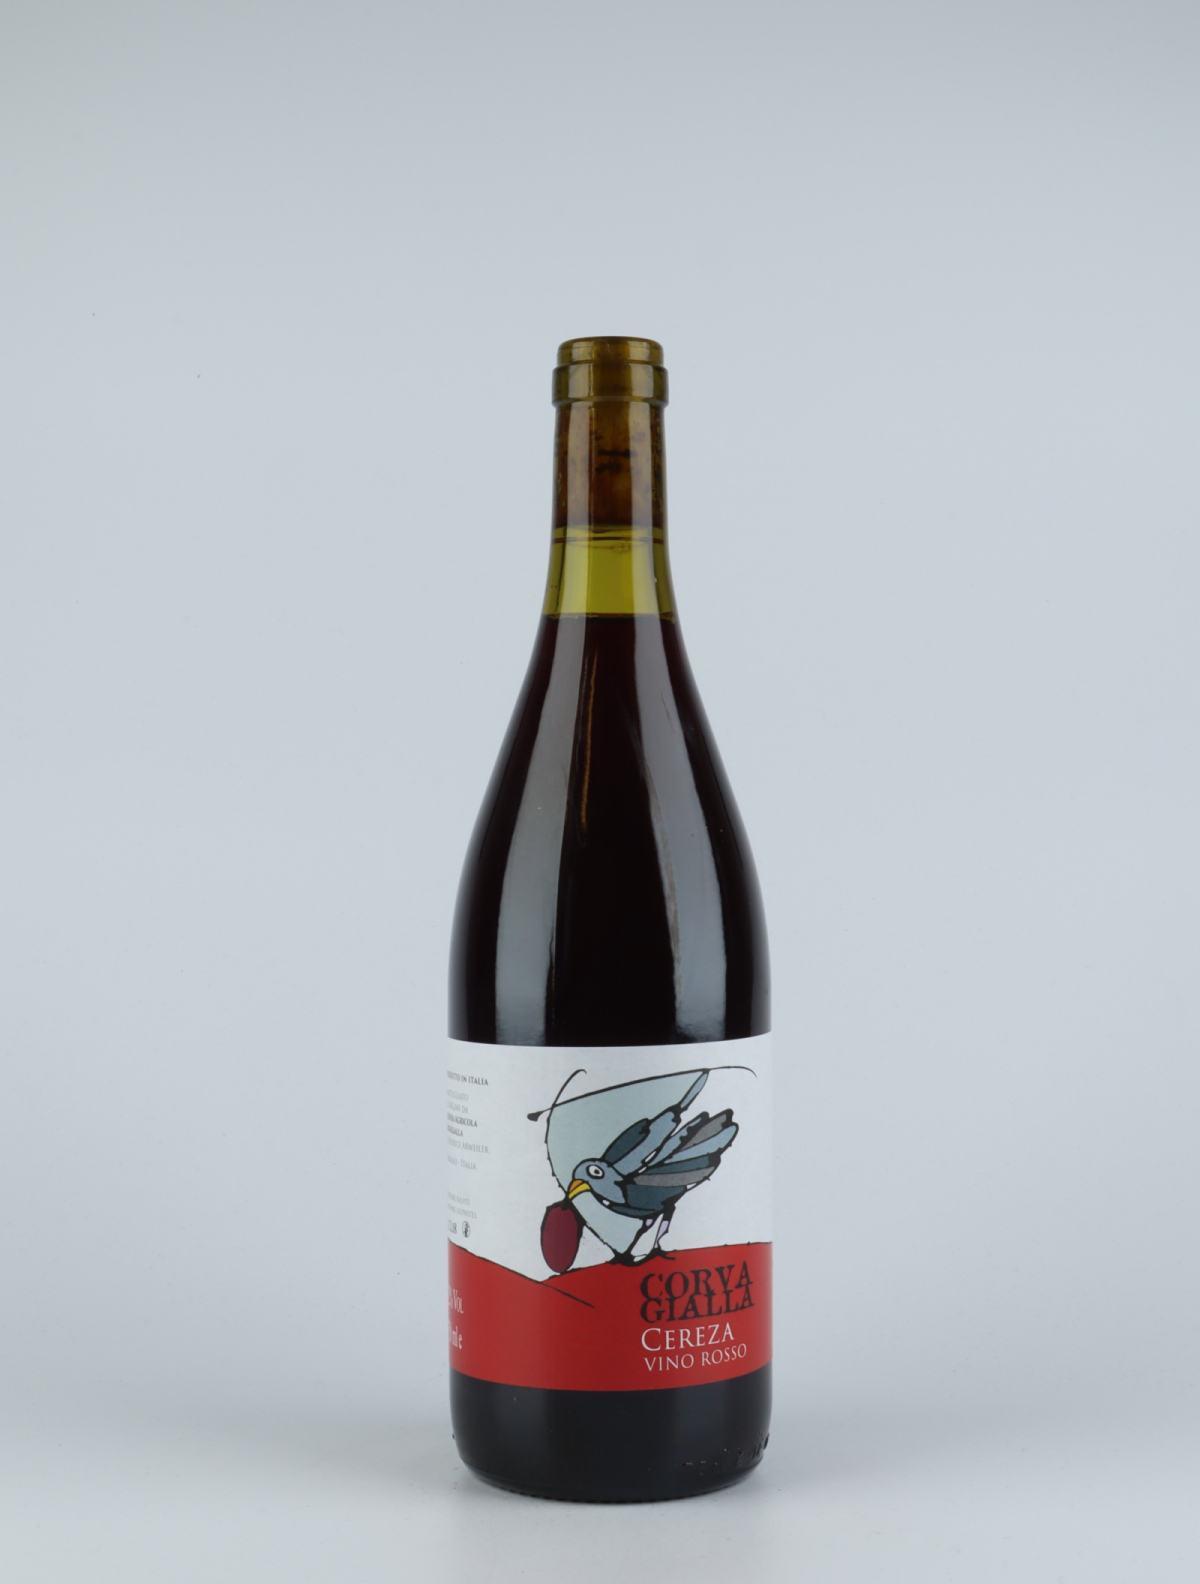 Cereza Vino Rosso